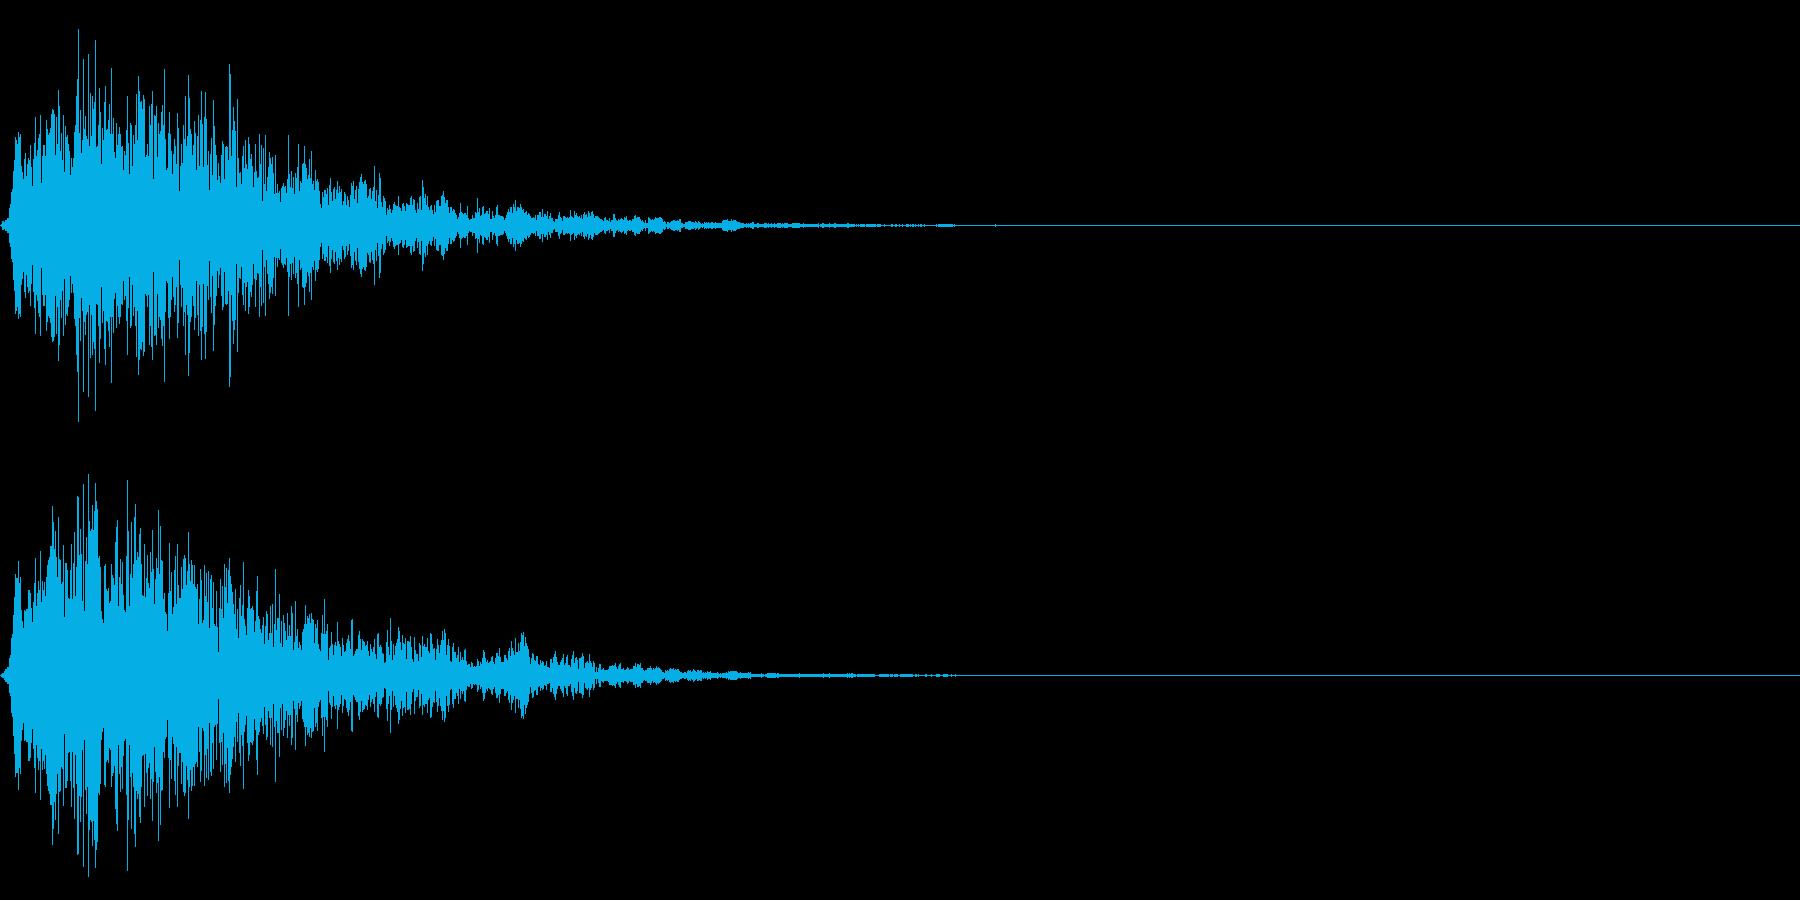 シリアス系のサウンドロゴの再生済みの波形